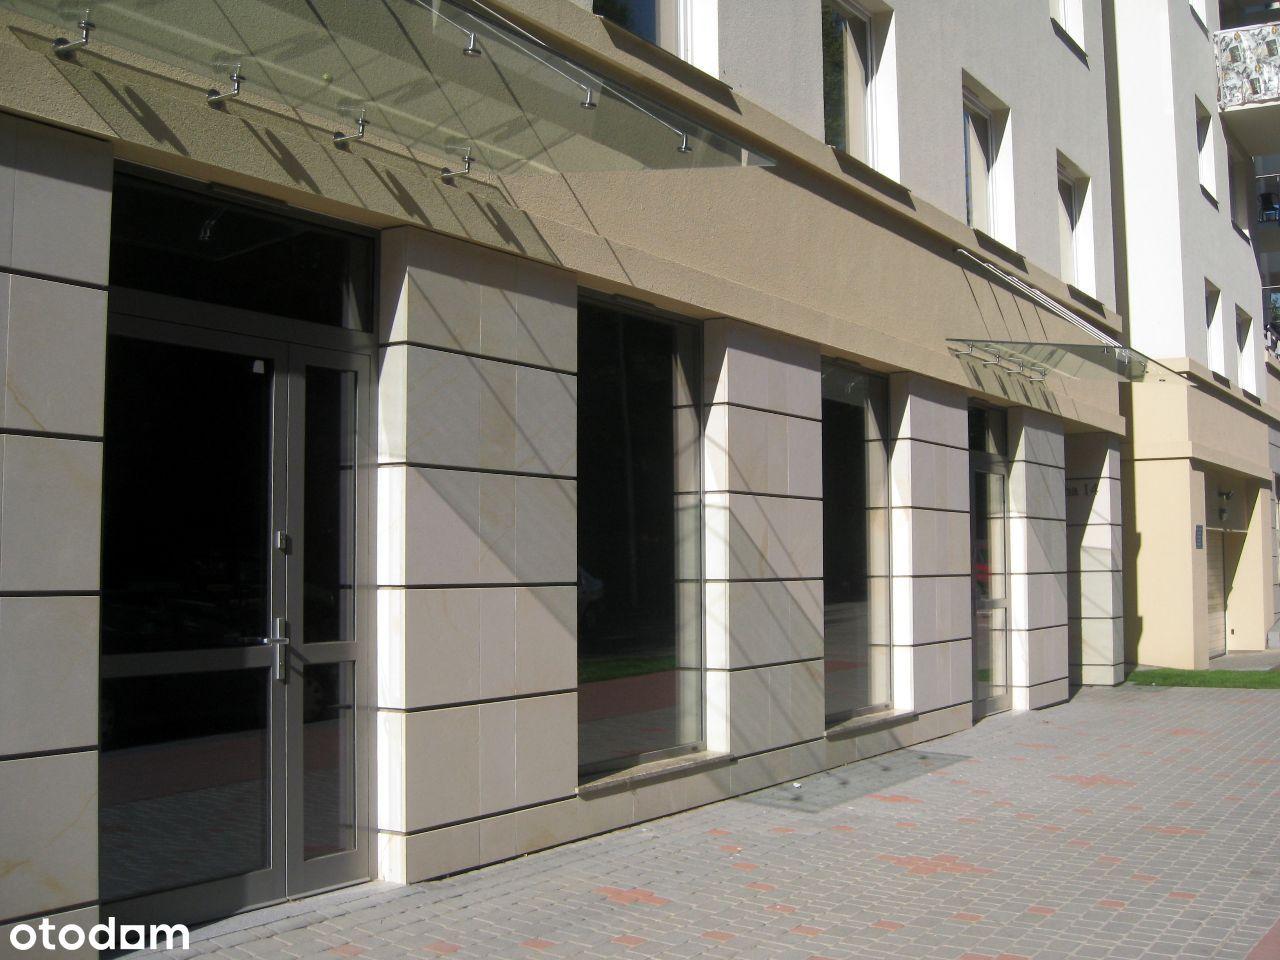 U6+U7 witryny i wejściem z ulicy na sklep, usługi